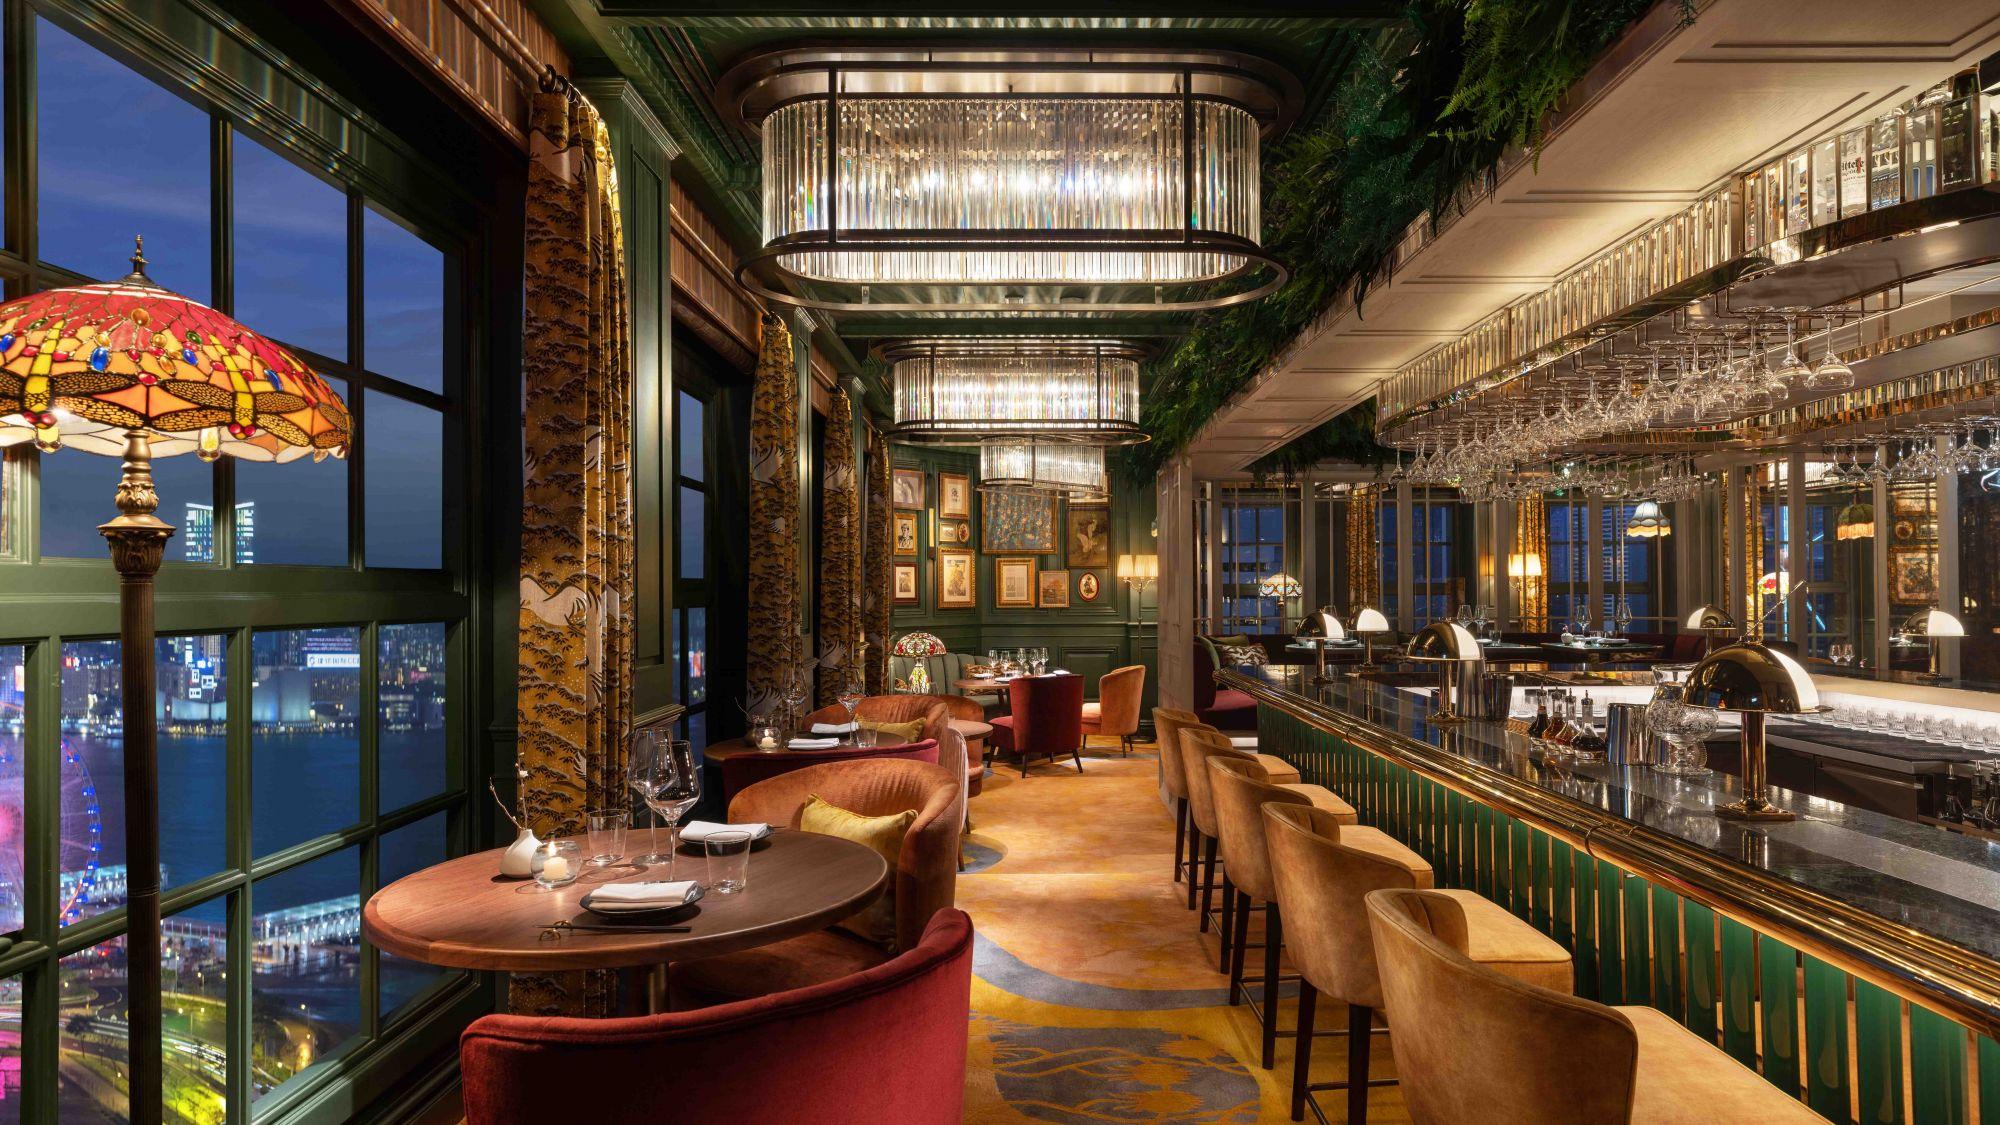 Mandarin-Oriental-Hong-Kong-Hotel-The-Aubrey-Bar-Lounge